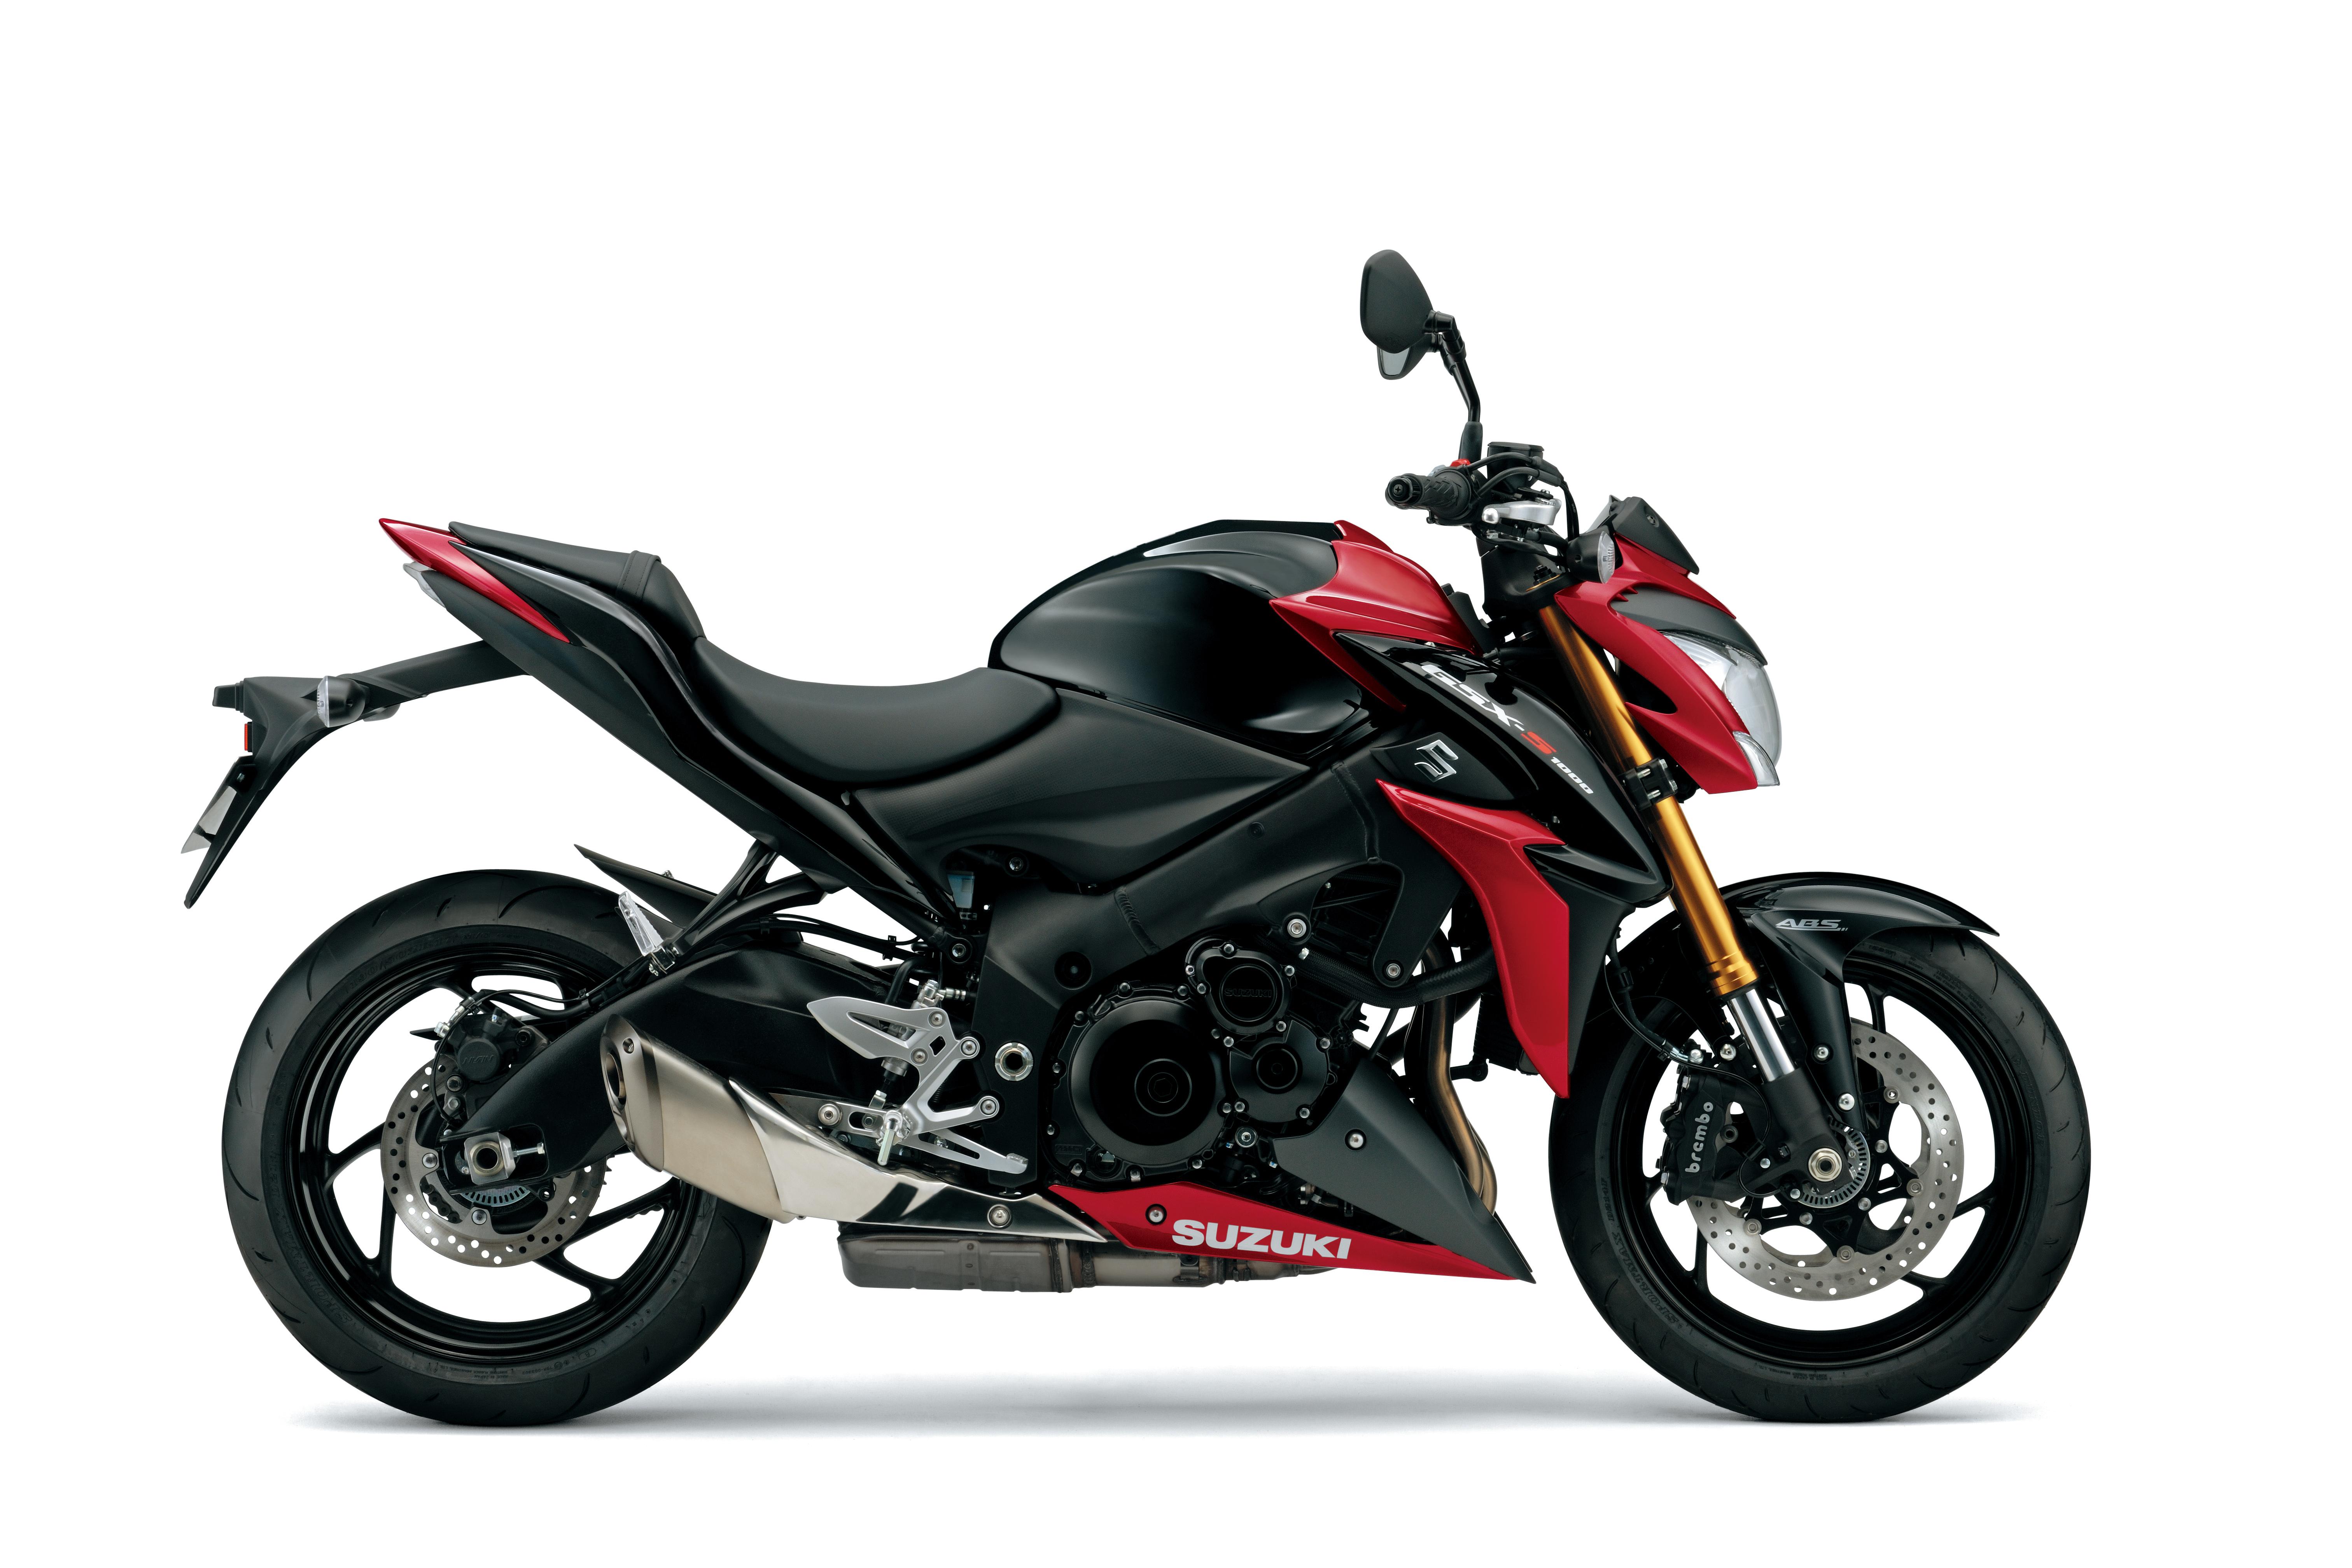 Test ride the new Suzuki GSX-S1000 next month